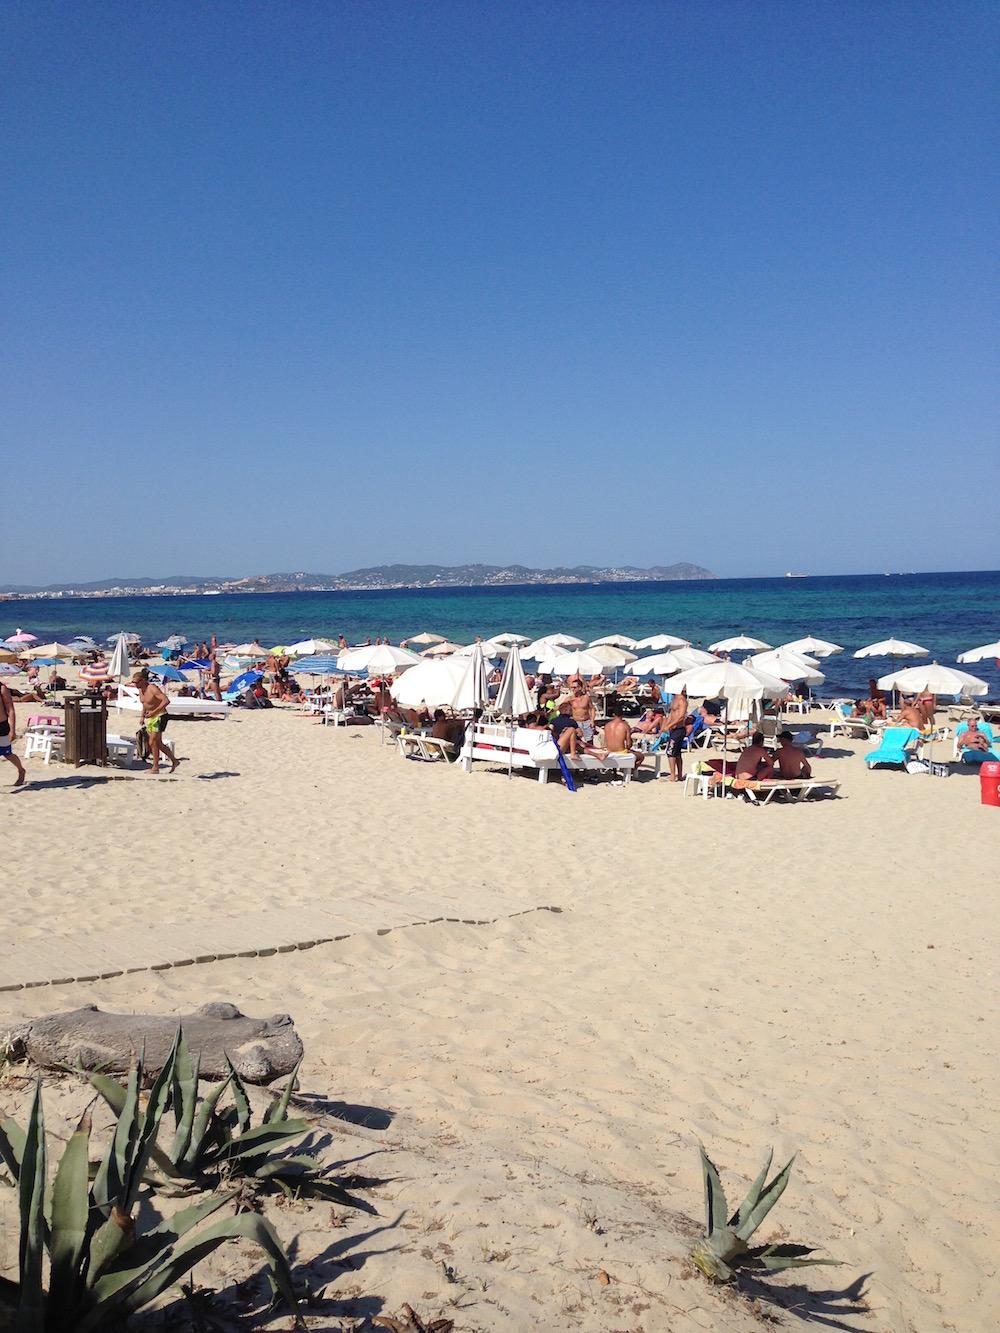 Playa Es Cavallet - Der beliebteste Gay Beach auf Ibiza